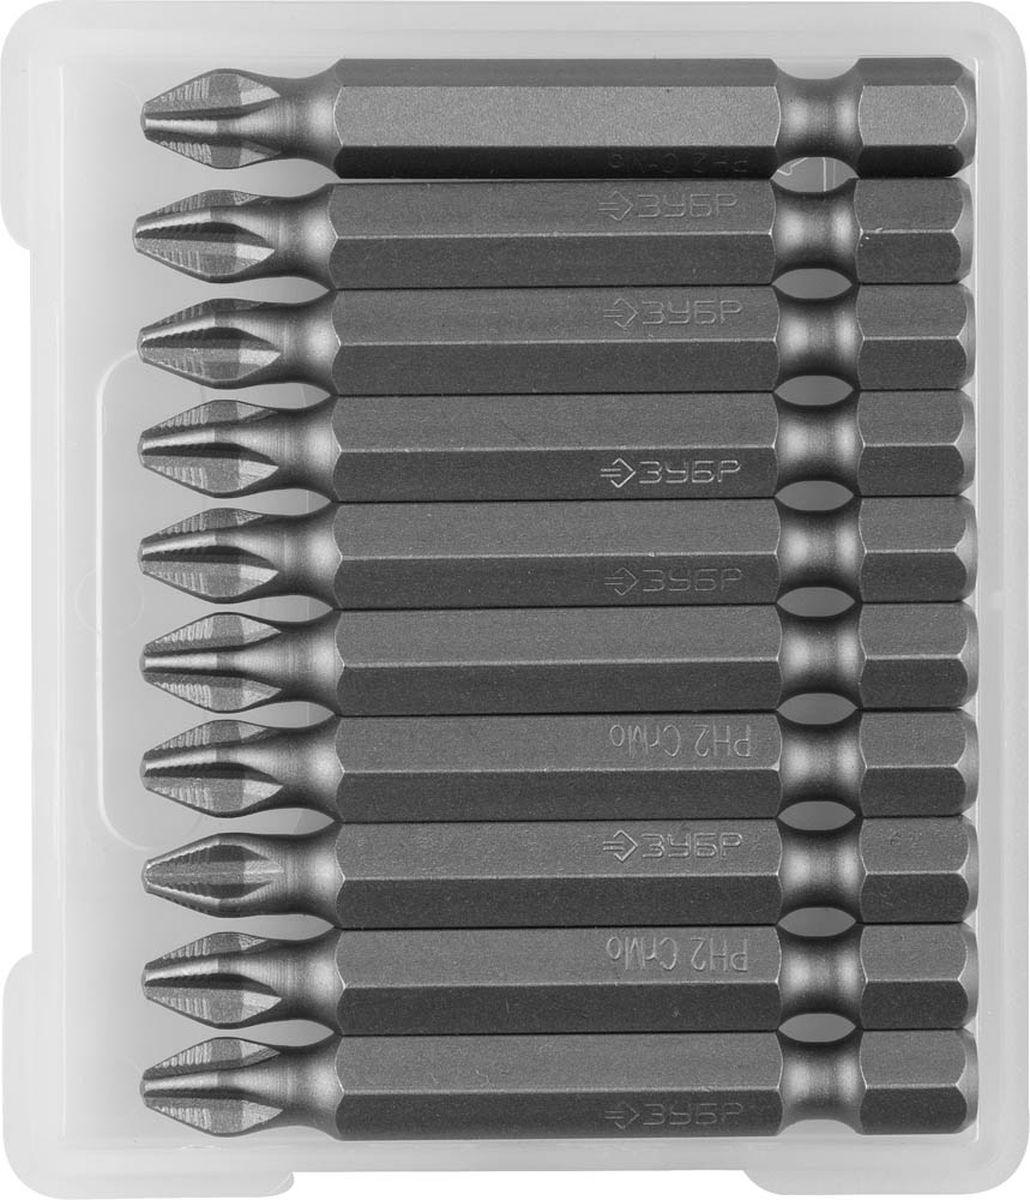 """Биты Зубр """"Мастер"""" кованые, хромомолибденовая сталь, тип хвостовика E 1/4"""", PH2, 50 мм, 10шт"""